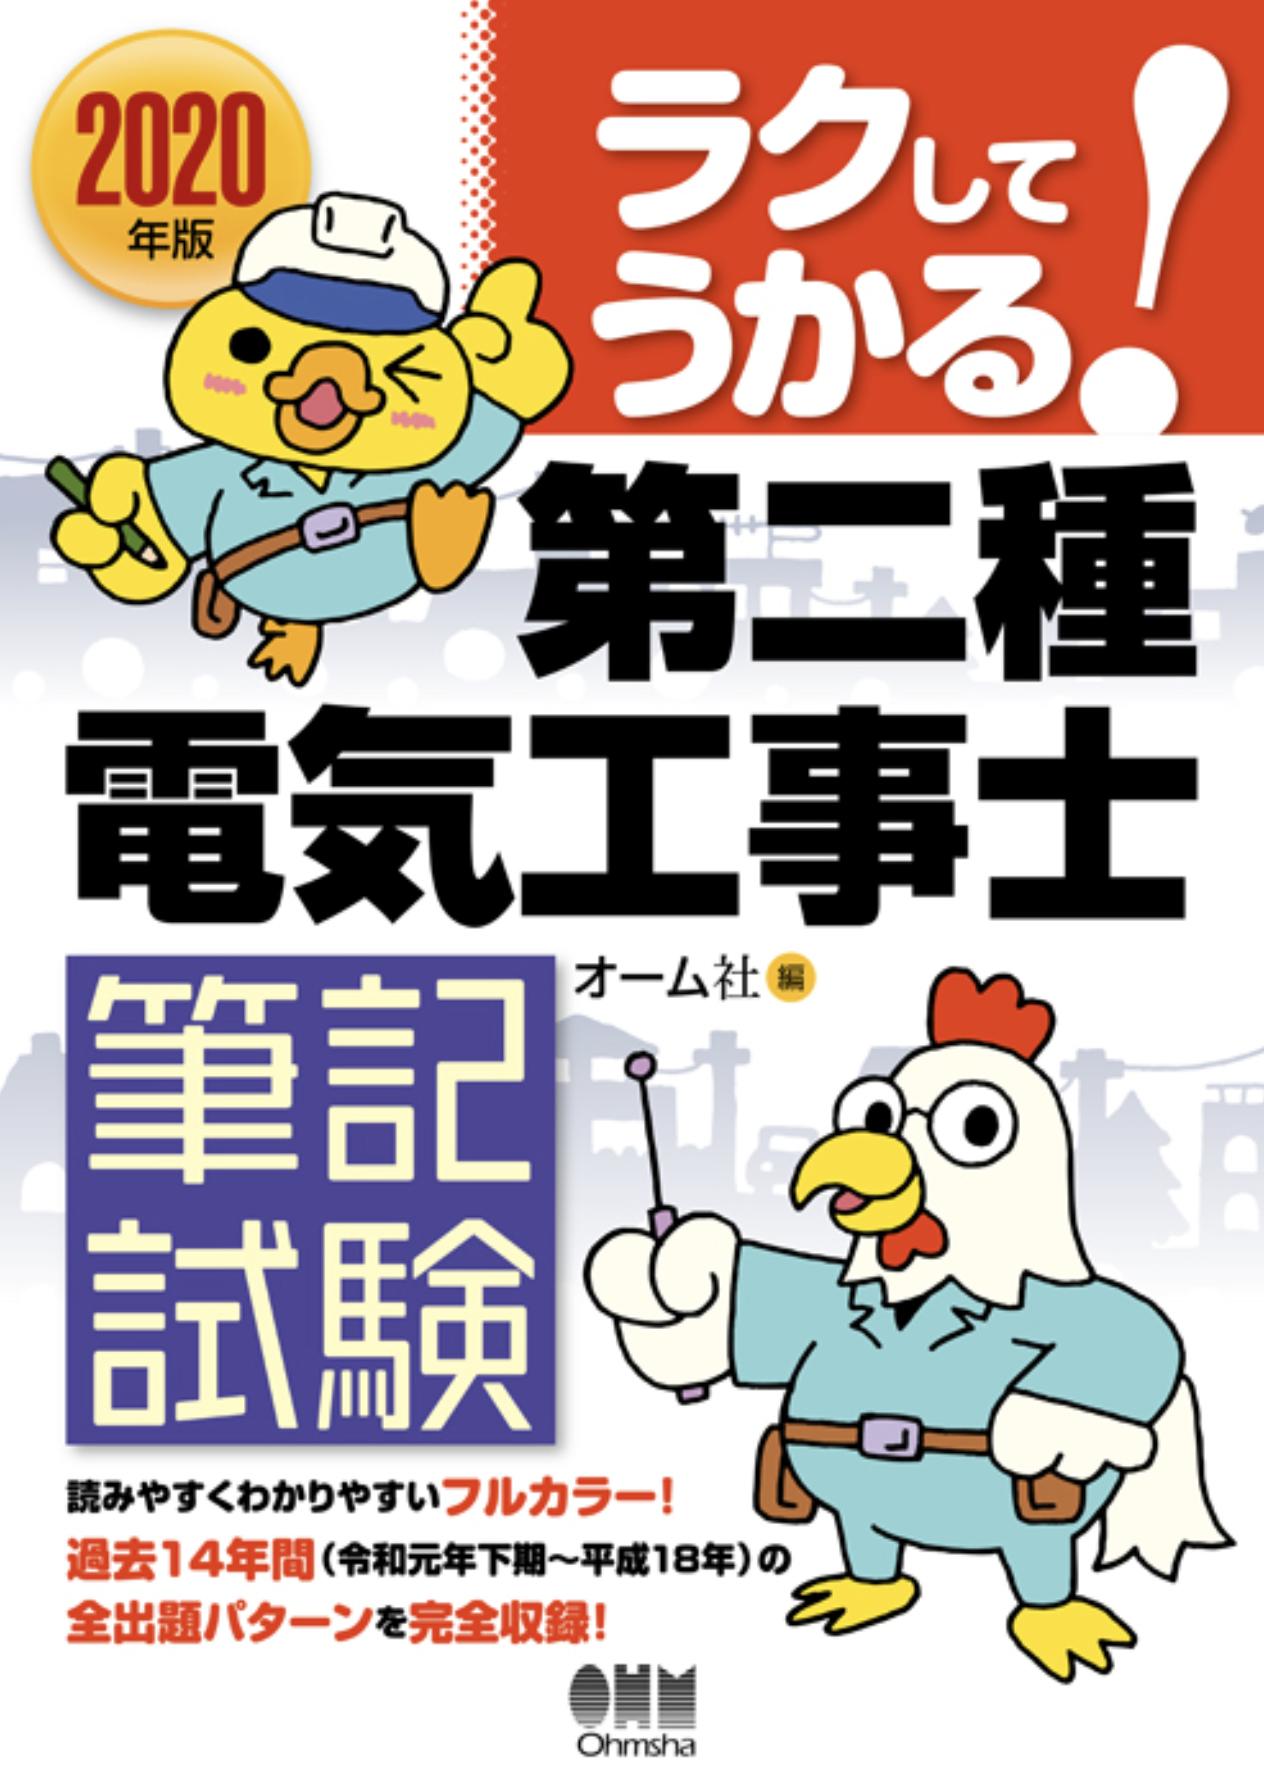 【新刊トピックス 2019年11月】ラクしてうかる!第二種電気工事士 筆記試験(2020年版)の画像